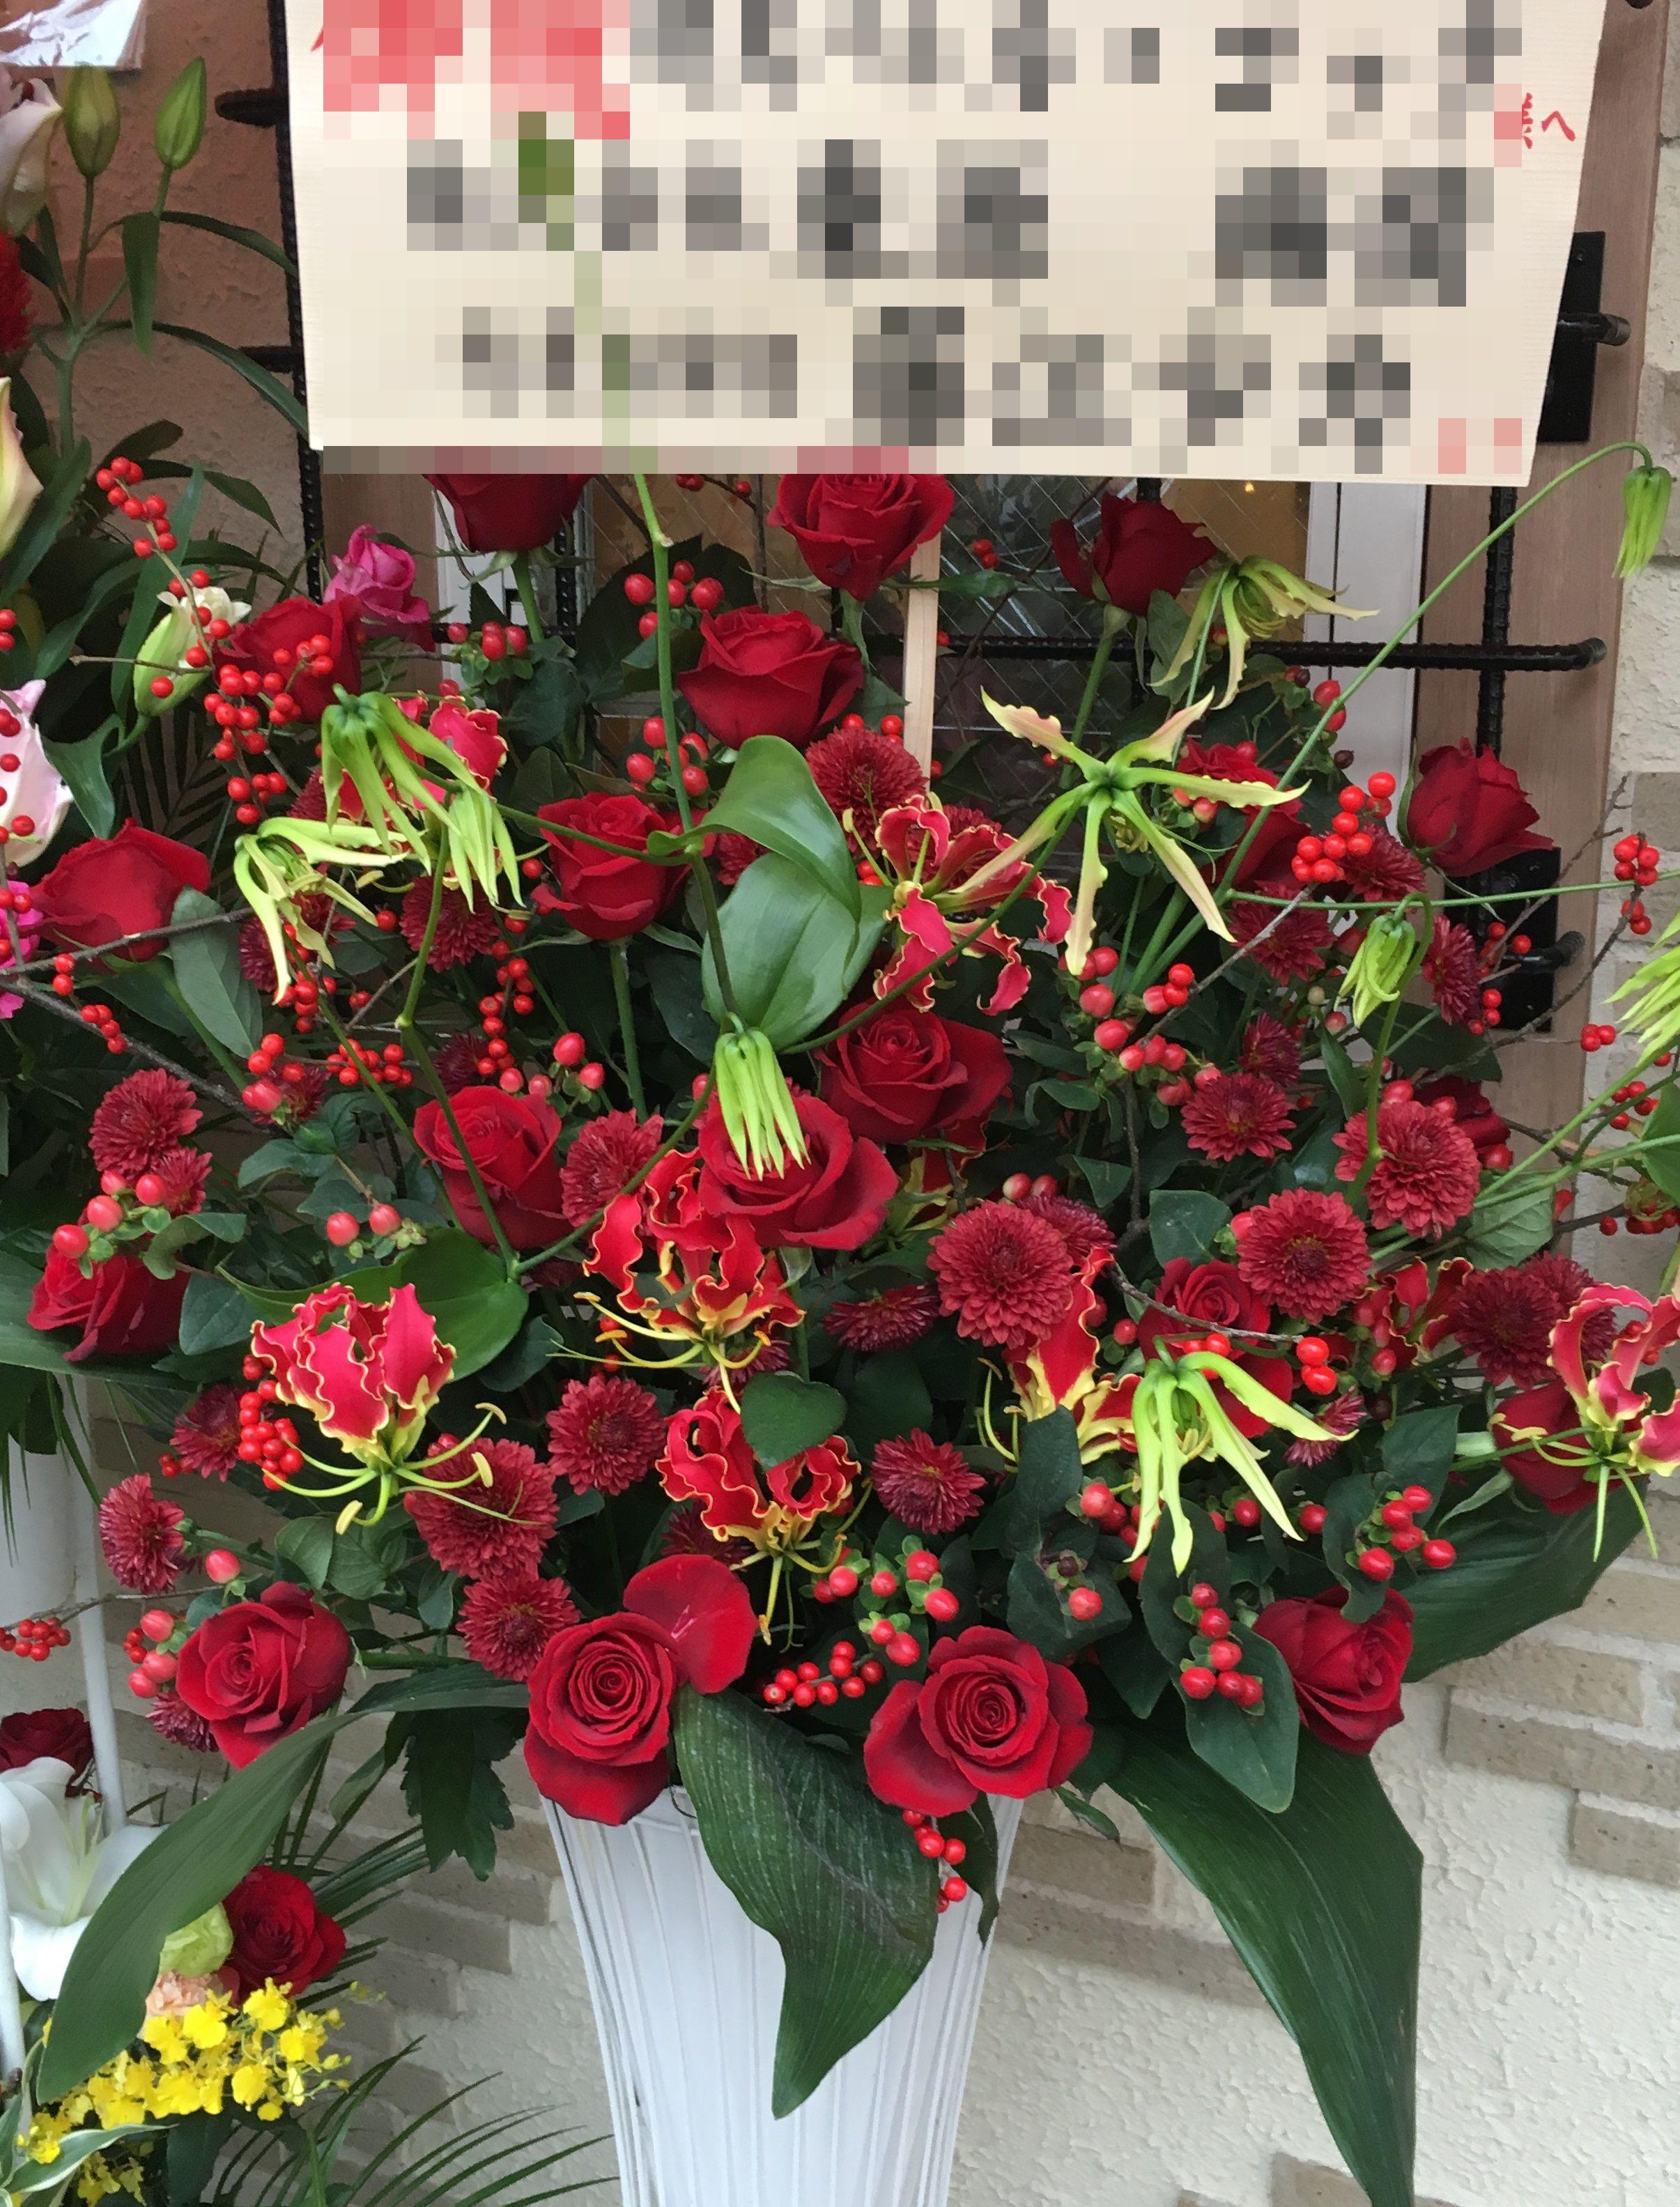 【ナオ花屋の納品事例189】横浜市桜木町ぴおシティへスタンド花を配達しました!